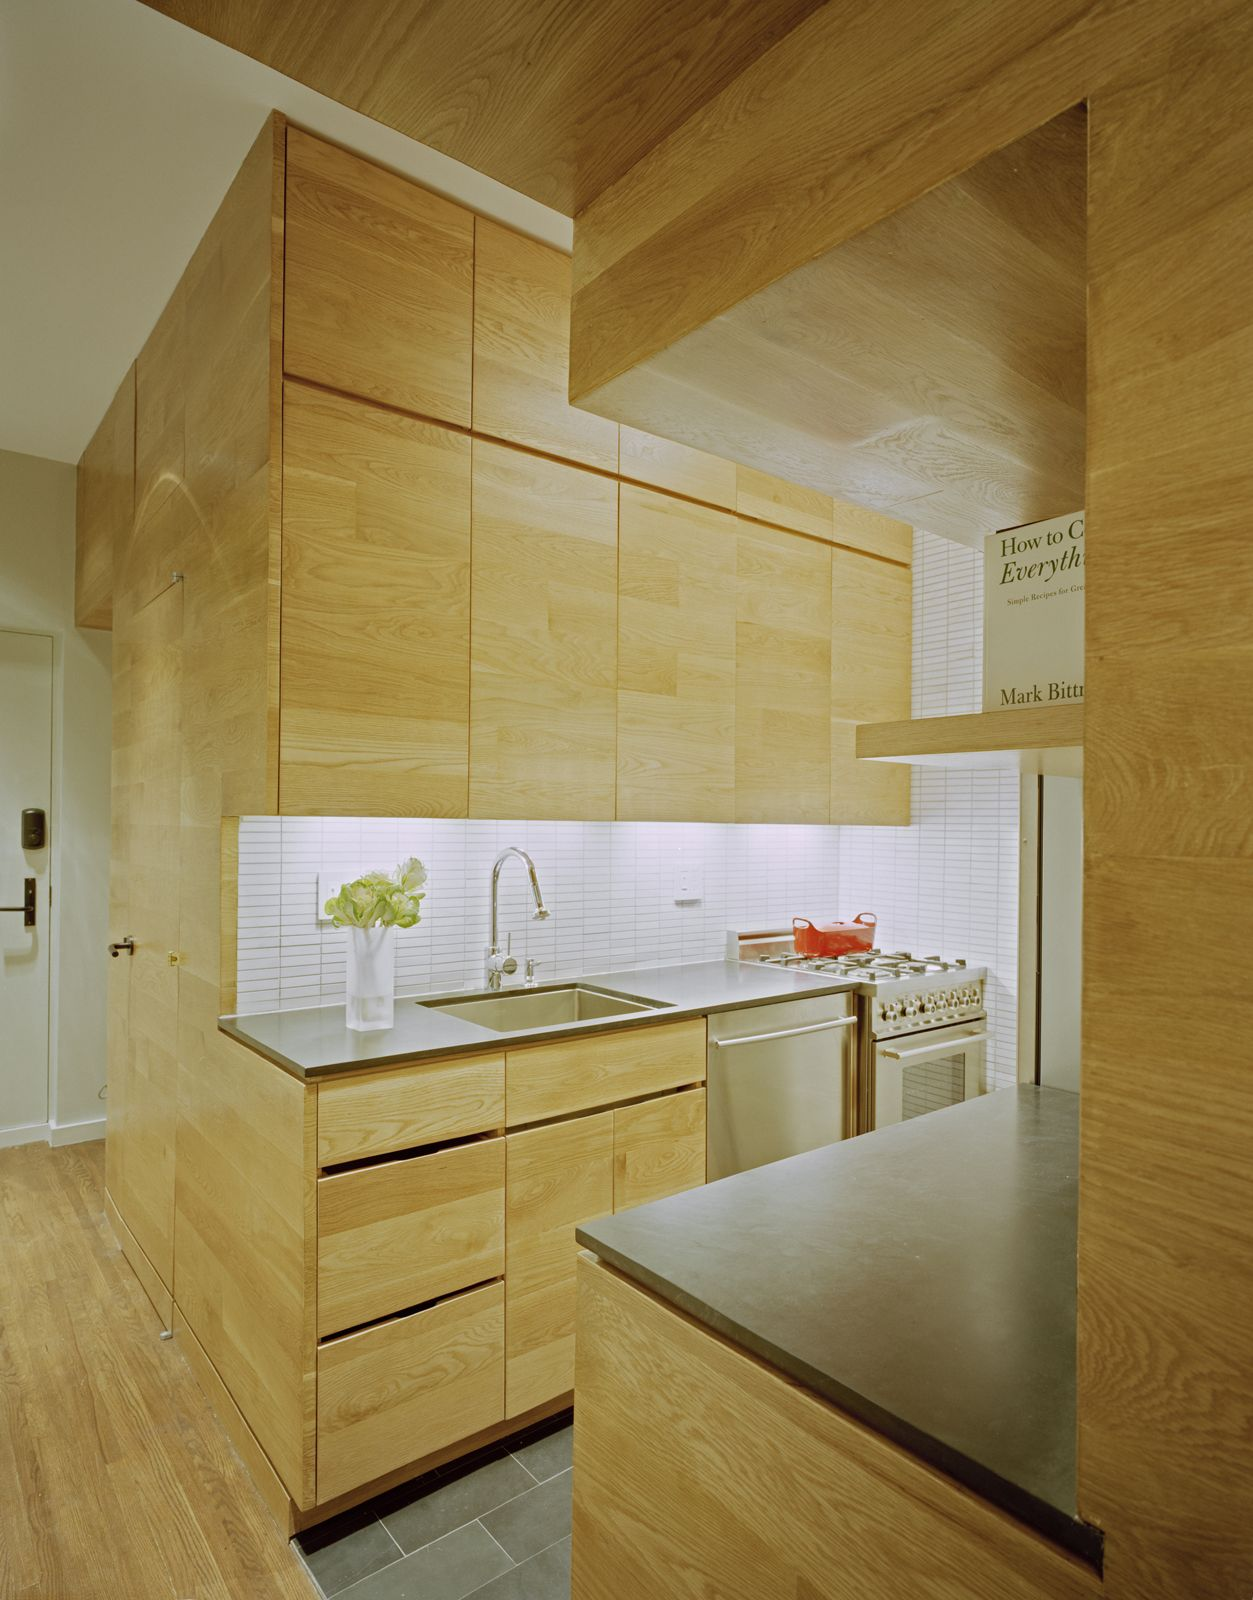 E Saving Tiny Apartment New York Small Design